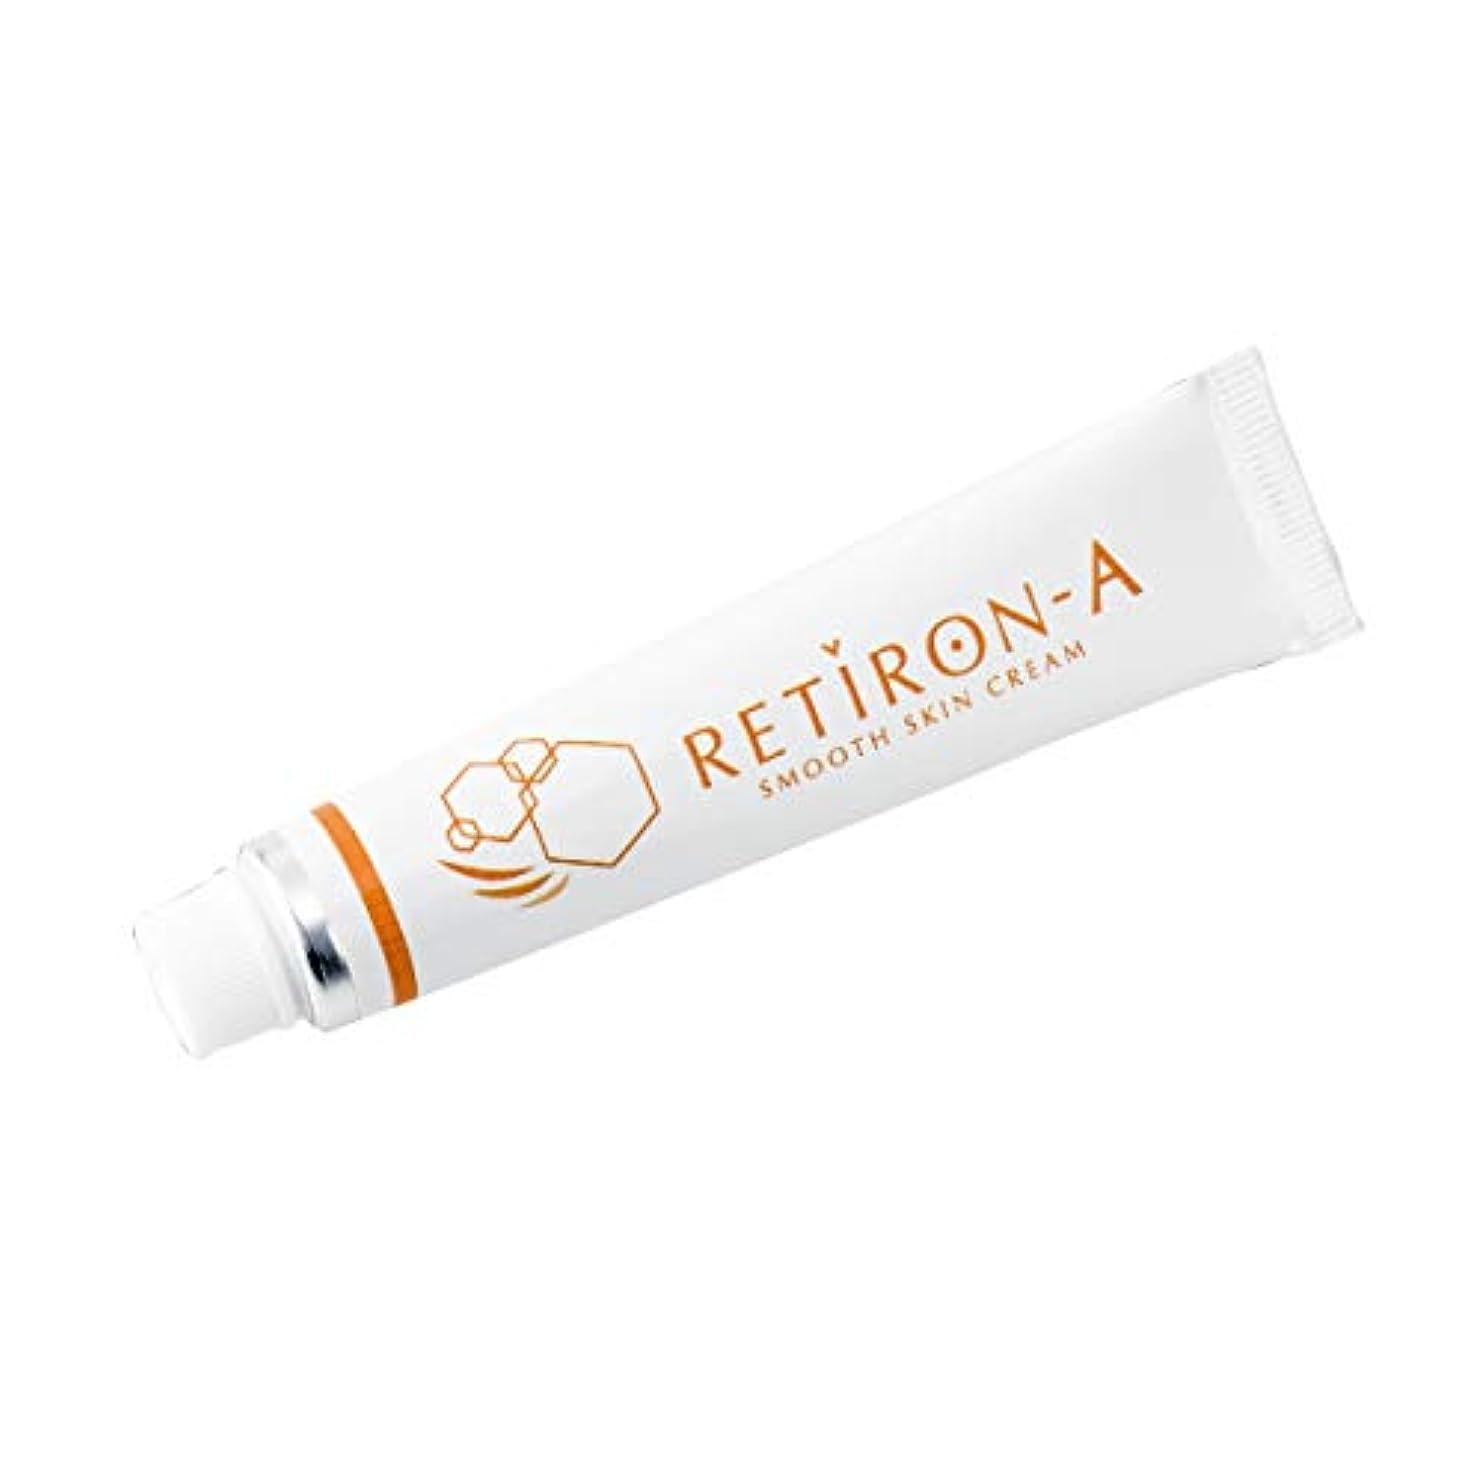 物理学者キャンディーとティームクリーム 化粧品 レチノール配合 レチロンA パラベンフリー